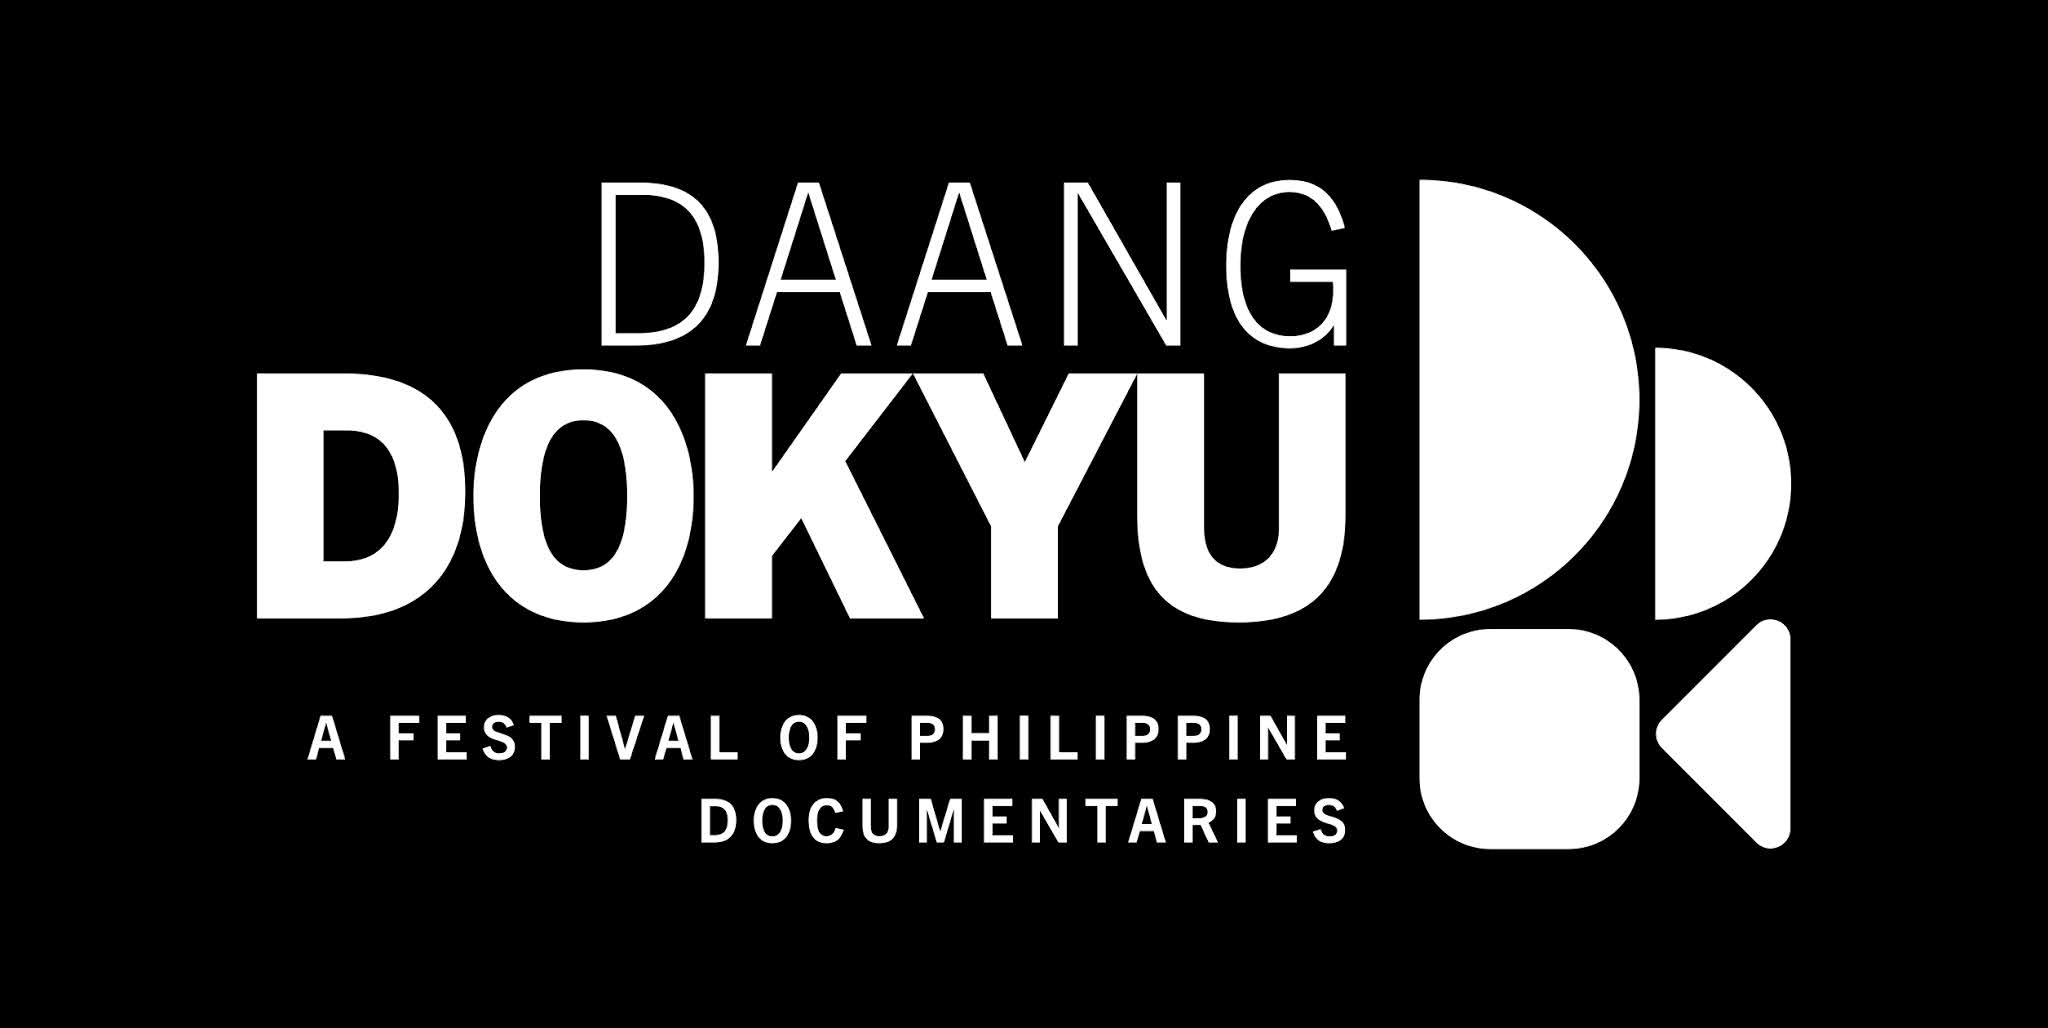 DaangDokyu Film Festival